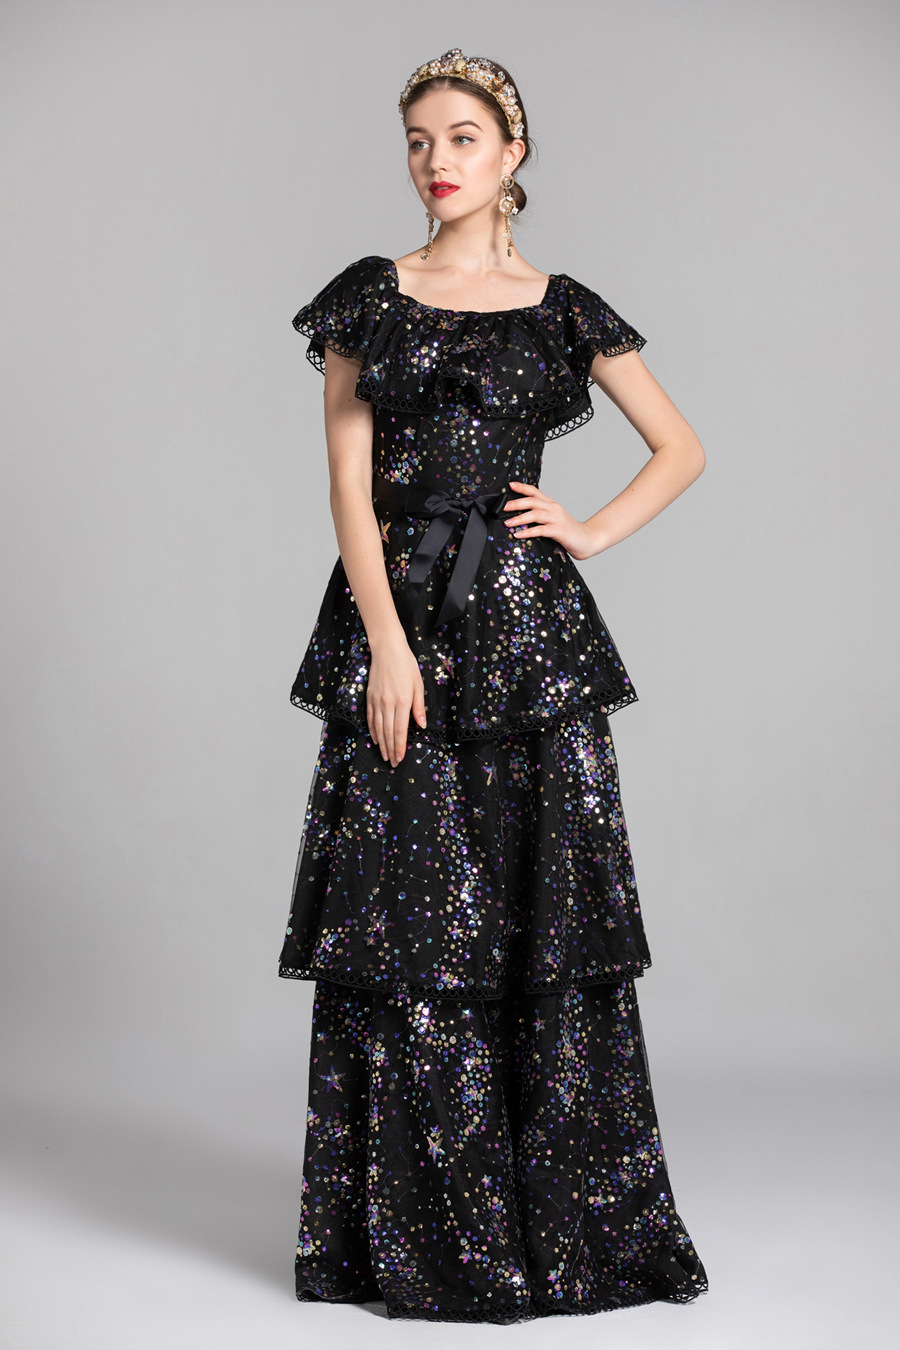 Paillettes Noir Slash Robes Fête Piste Mode Femmes Bal Évider À Longues Décolleté De Volants Broderie Créateurs champagne IPpSZ5